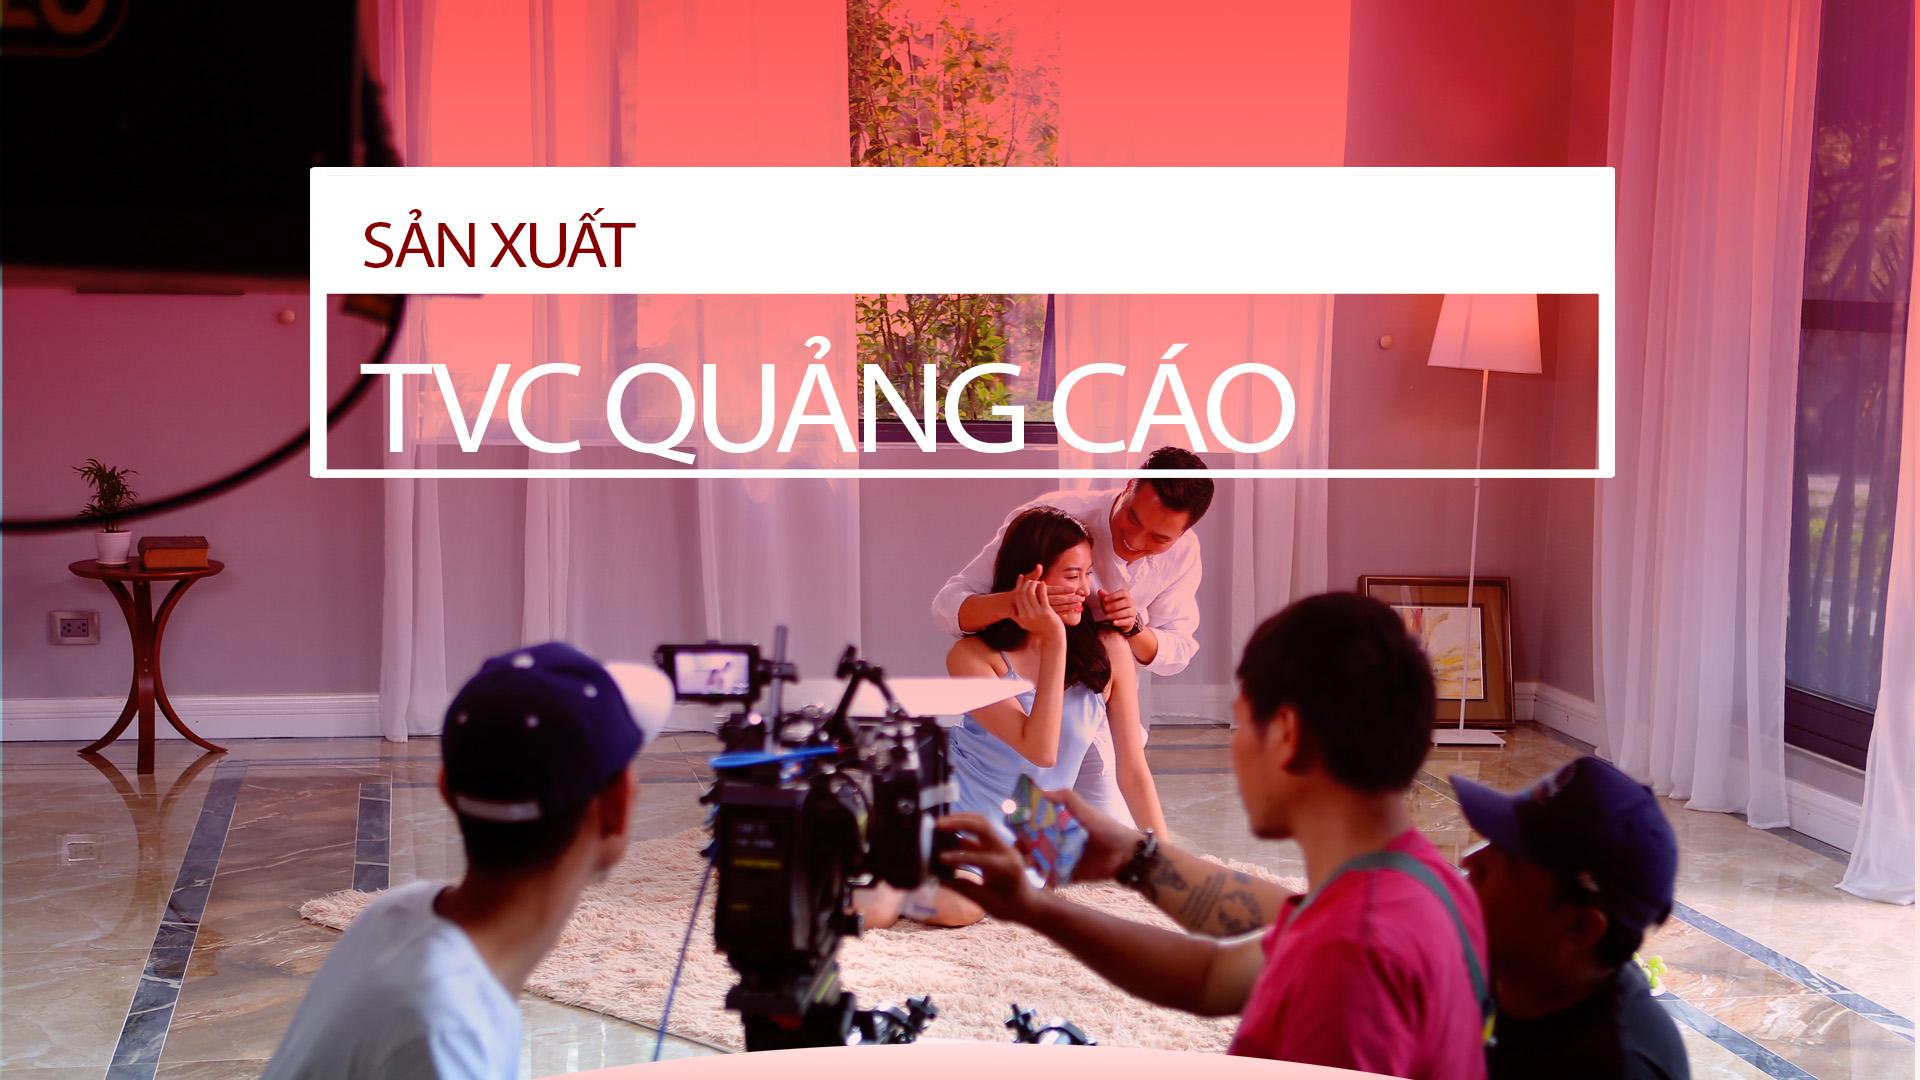 Dịch vụ quay video tvc Hải Phòng trọn gói